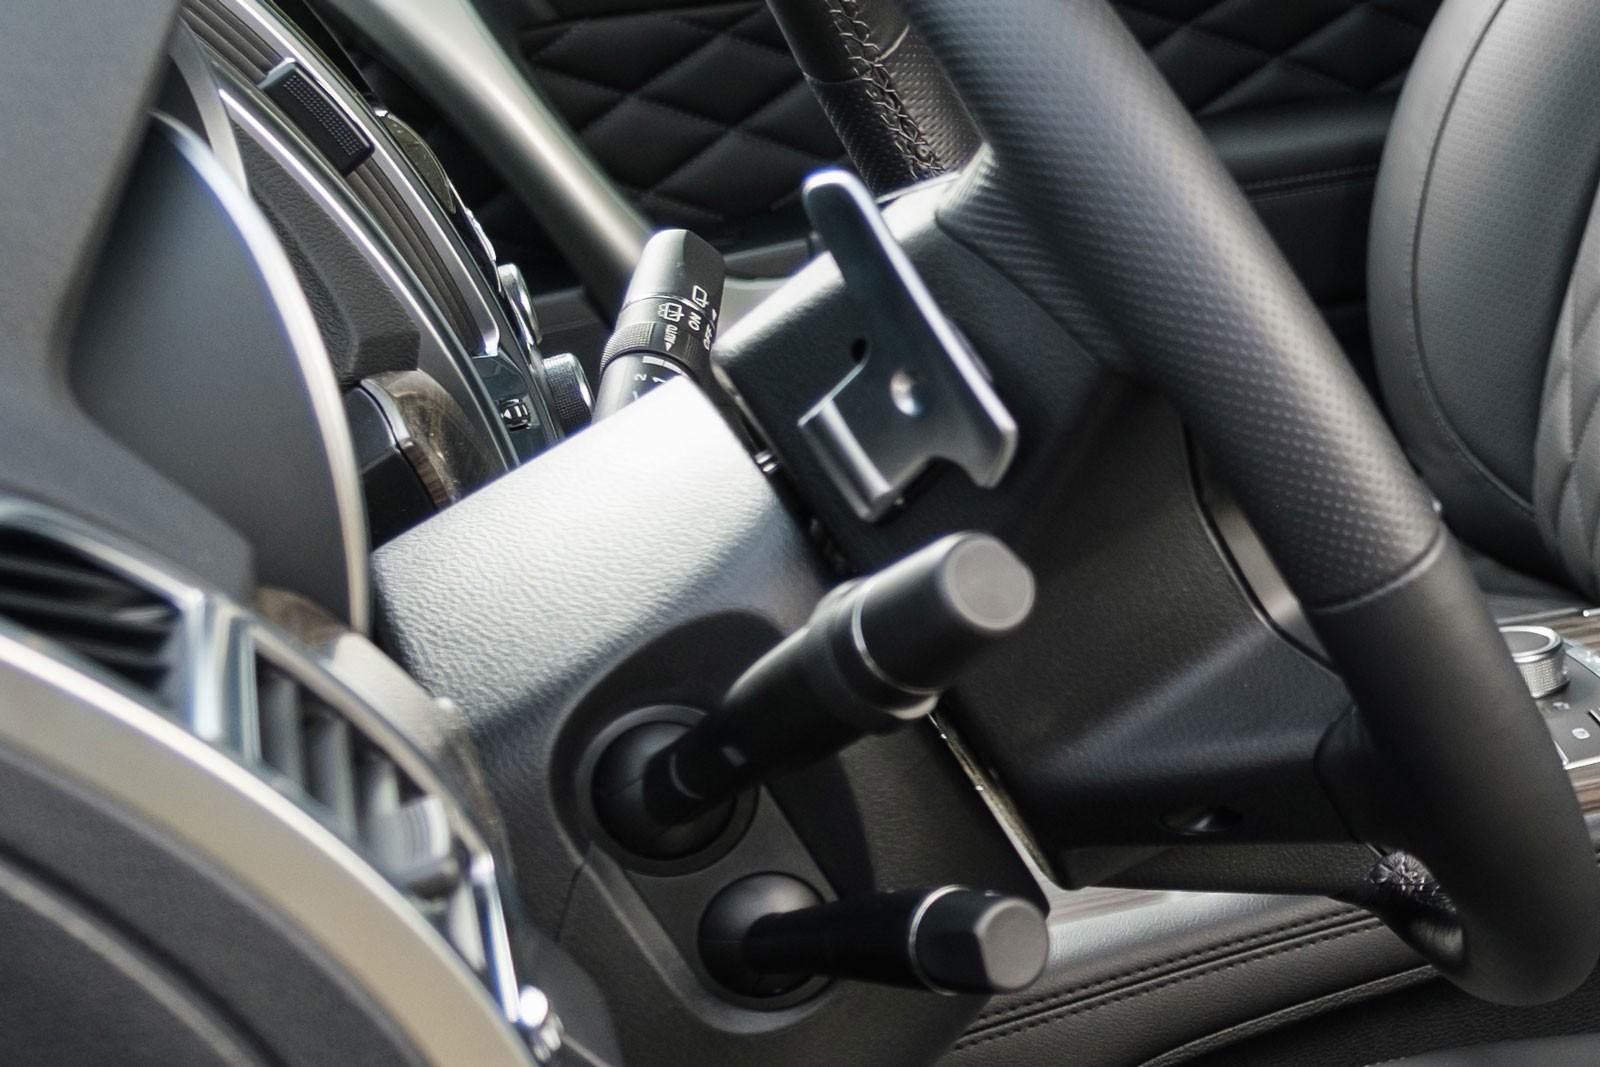 Передняя блокировка, дефорсированный мотор и роскошный салон: тест обновленного Haval H9